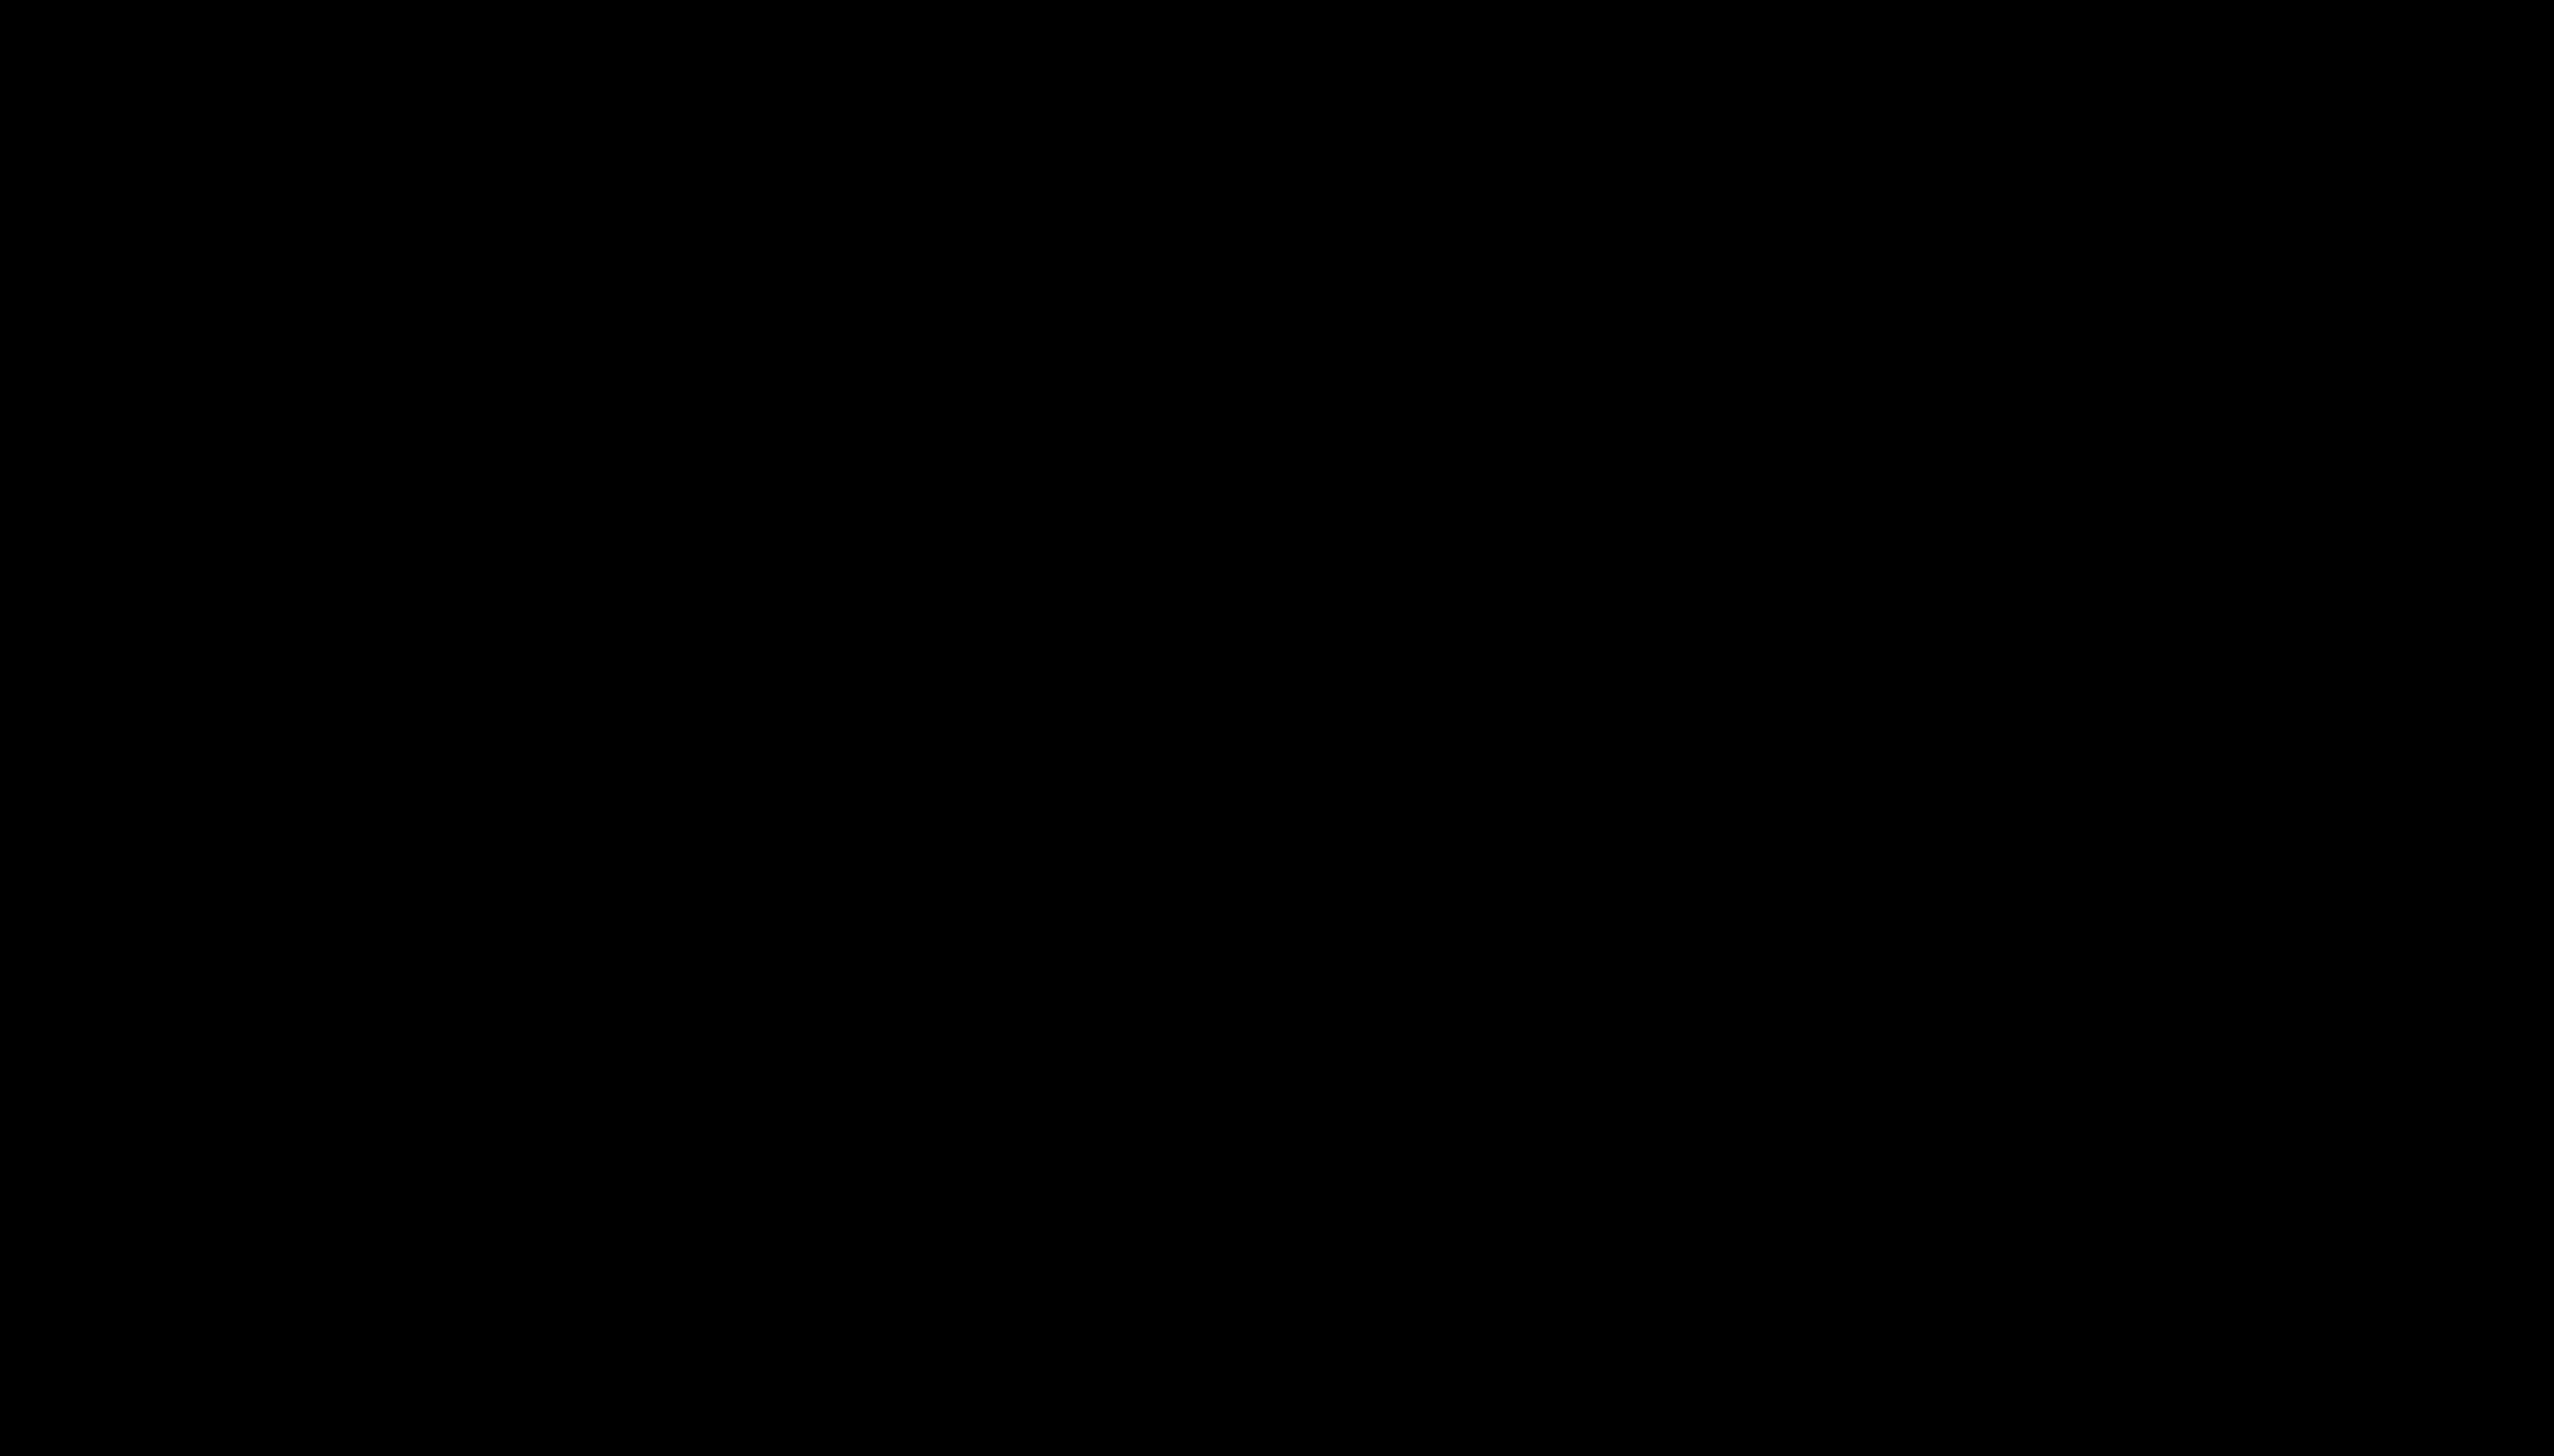 I will do modern minimalist business logo design in 48hr